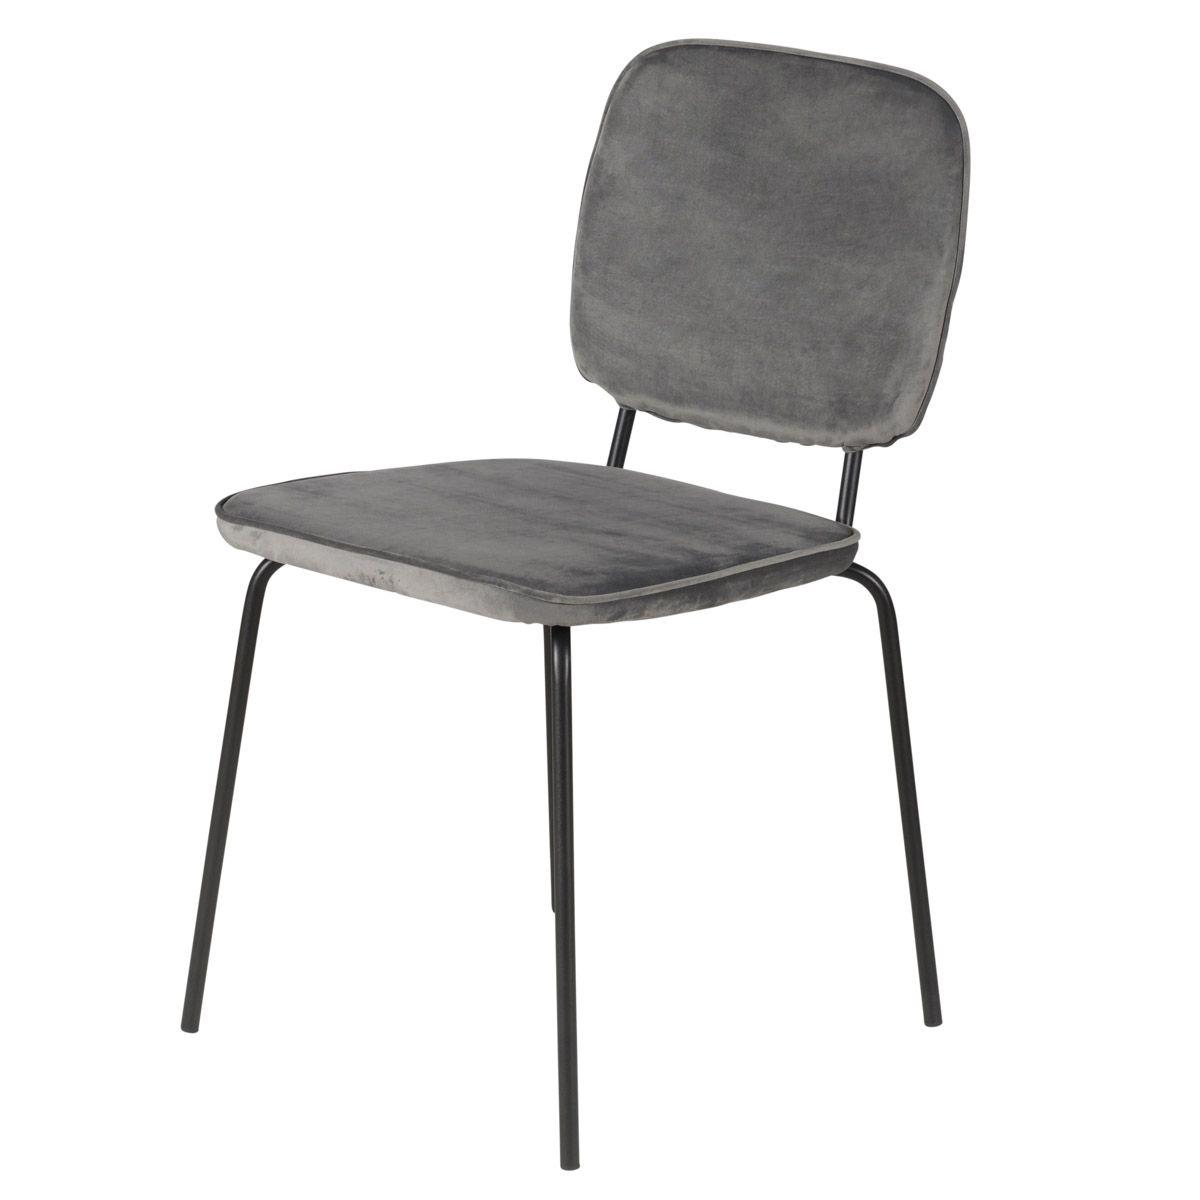 Chaise velours dossier bandeau et pieds métal